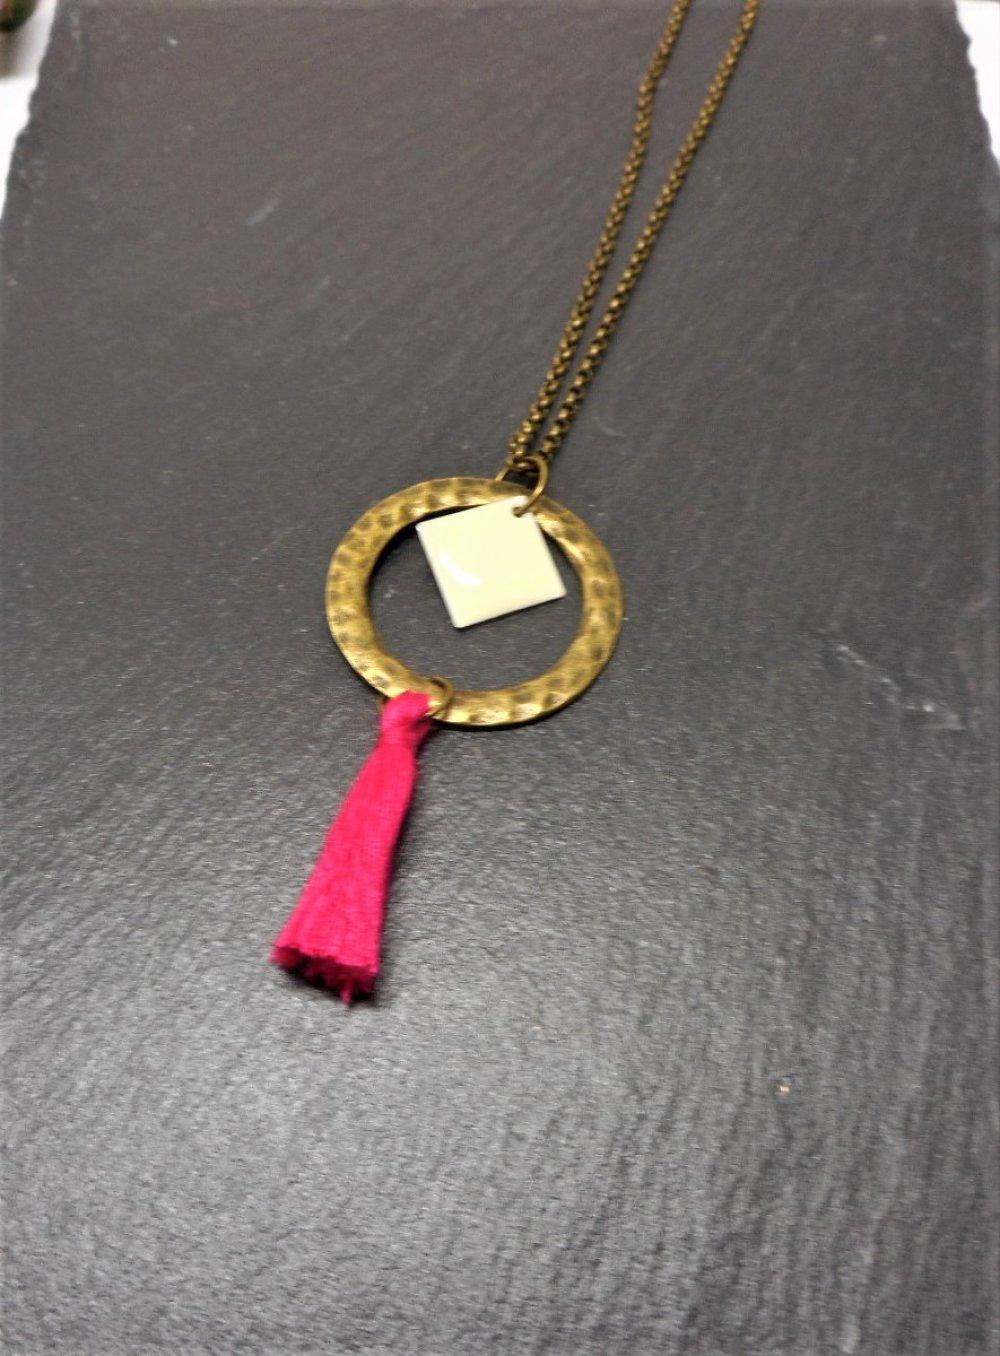 Collier sautoir bronze, rond martelé, pompon rouge et breloque émaillée blanche par breloques et cie